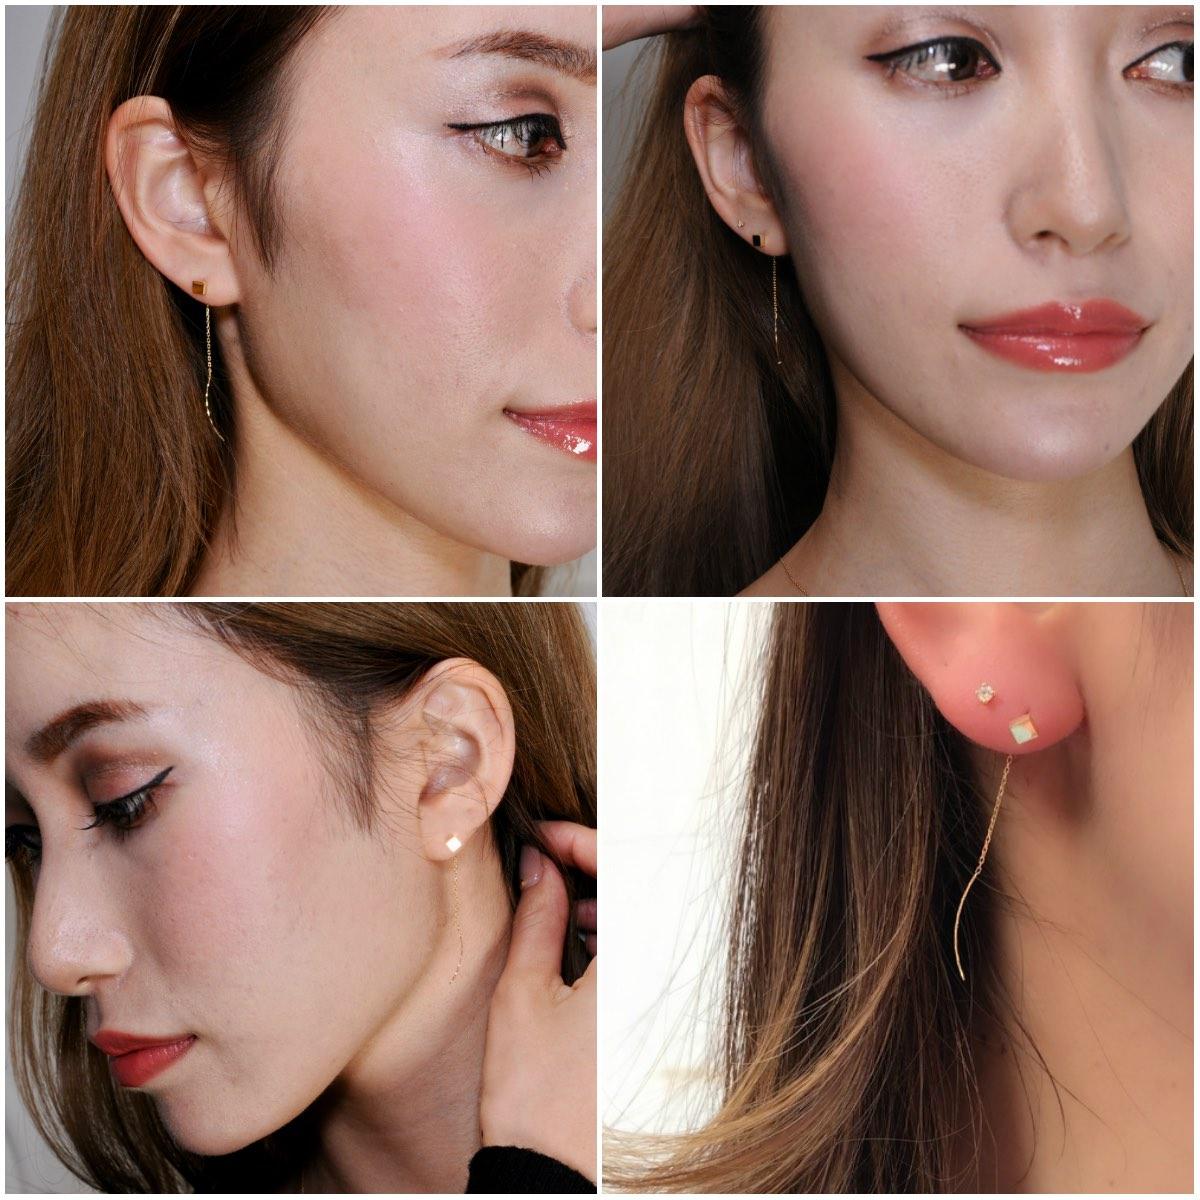 ピナコテーカ 722 スクエア マグネット スタッド アメリカン ピアス 18金,pinacoteca Square Magnet Stud American Earrings K18